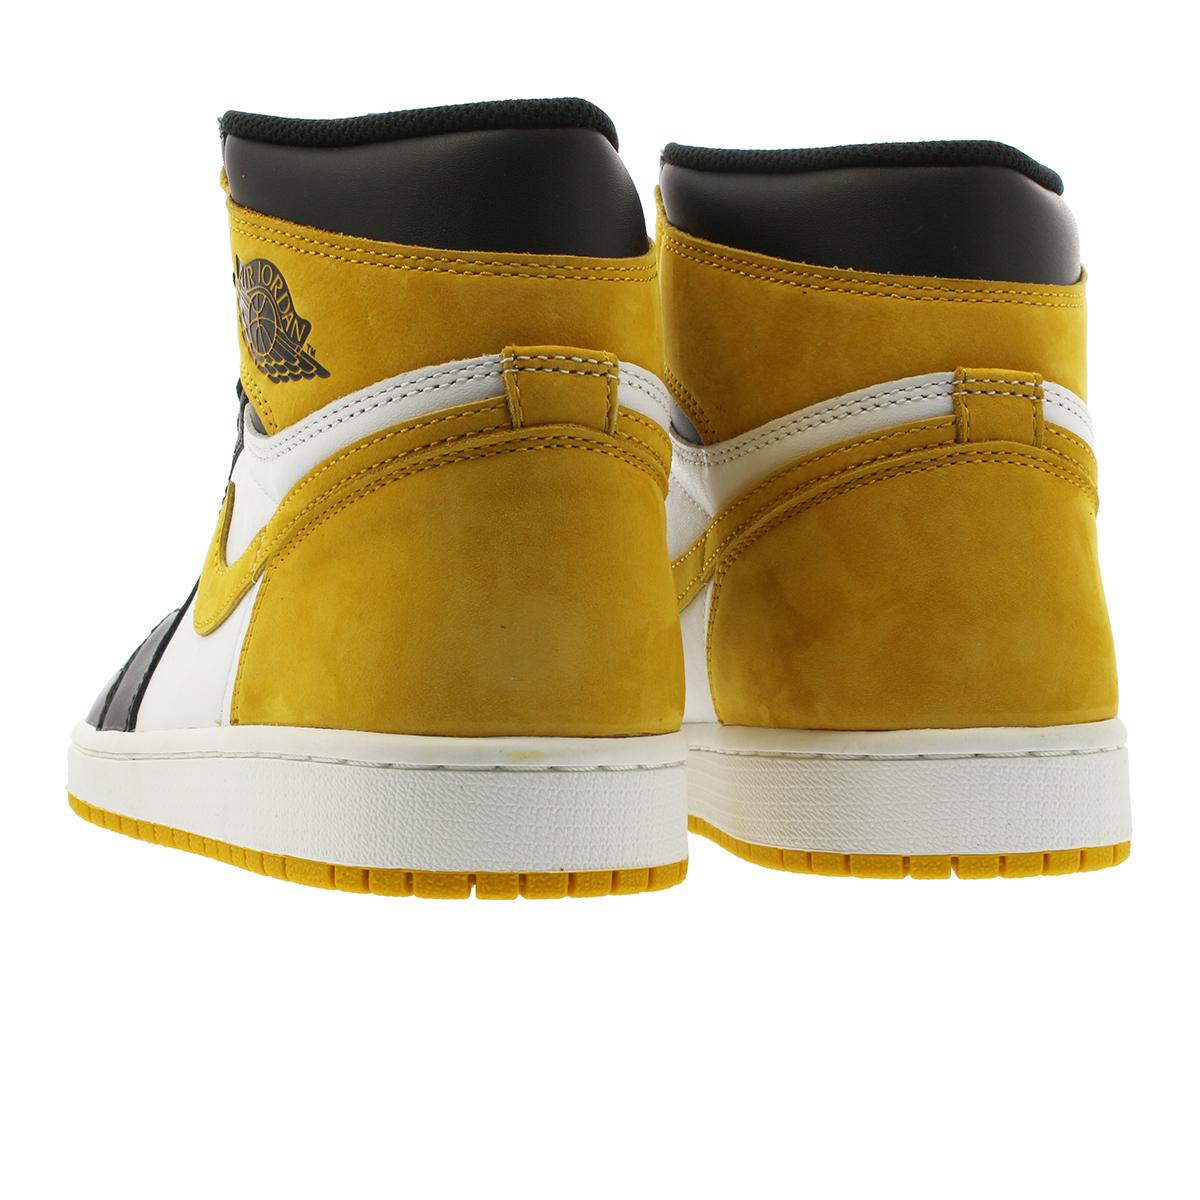 cf896a9f7d54be NIKE AIR JORDAN 1 RETRO HIGH OG Nike Air Jordan 1 nostalgic high OG WHITE  BLACK YELLOW OCHRE